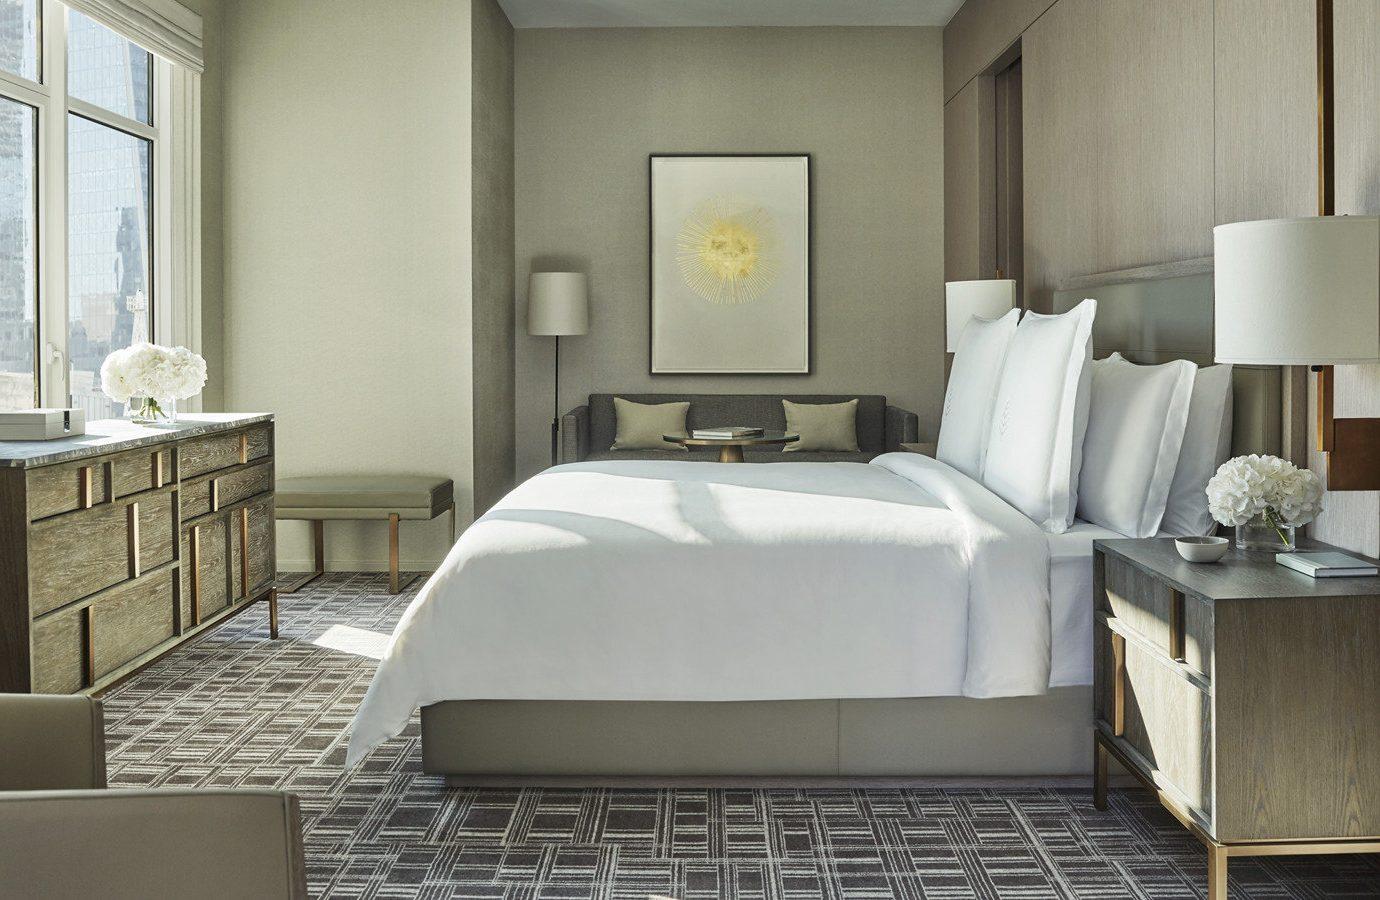 Hotels floor indoor window room property living room furniture Suite interior design home Design Bedroom estate